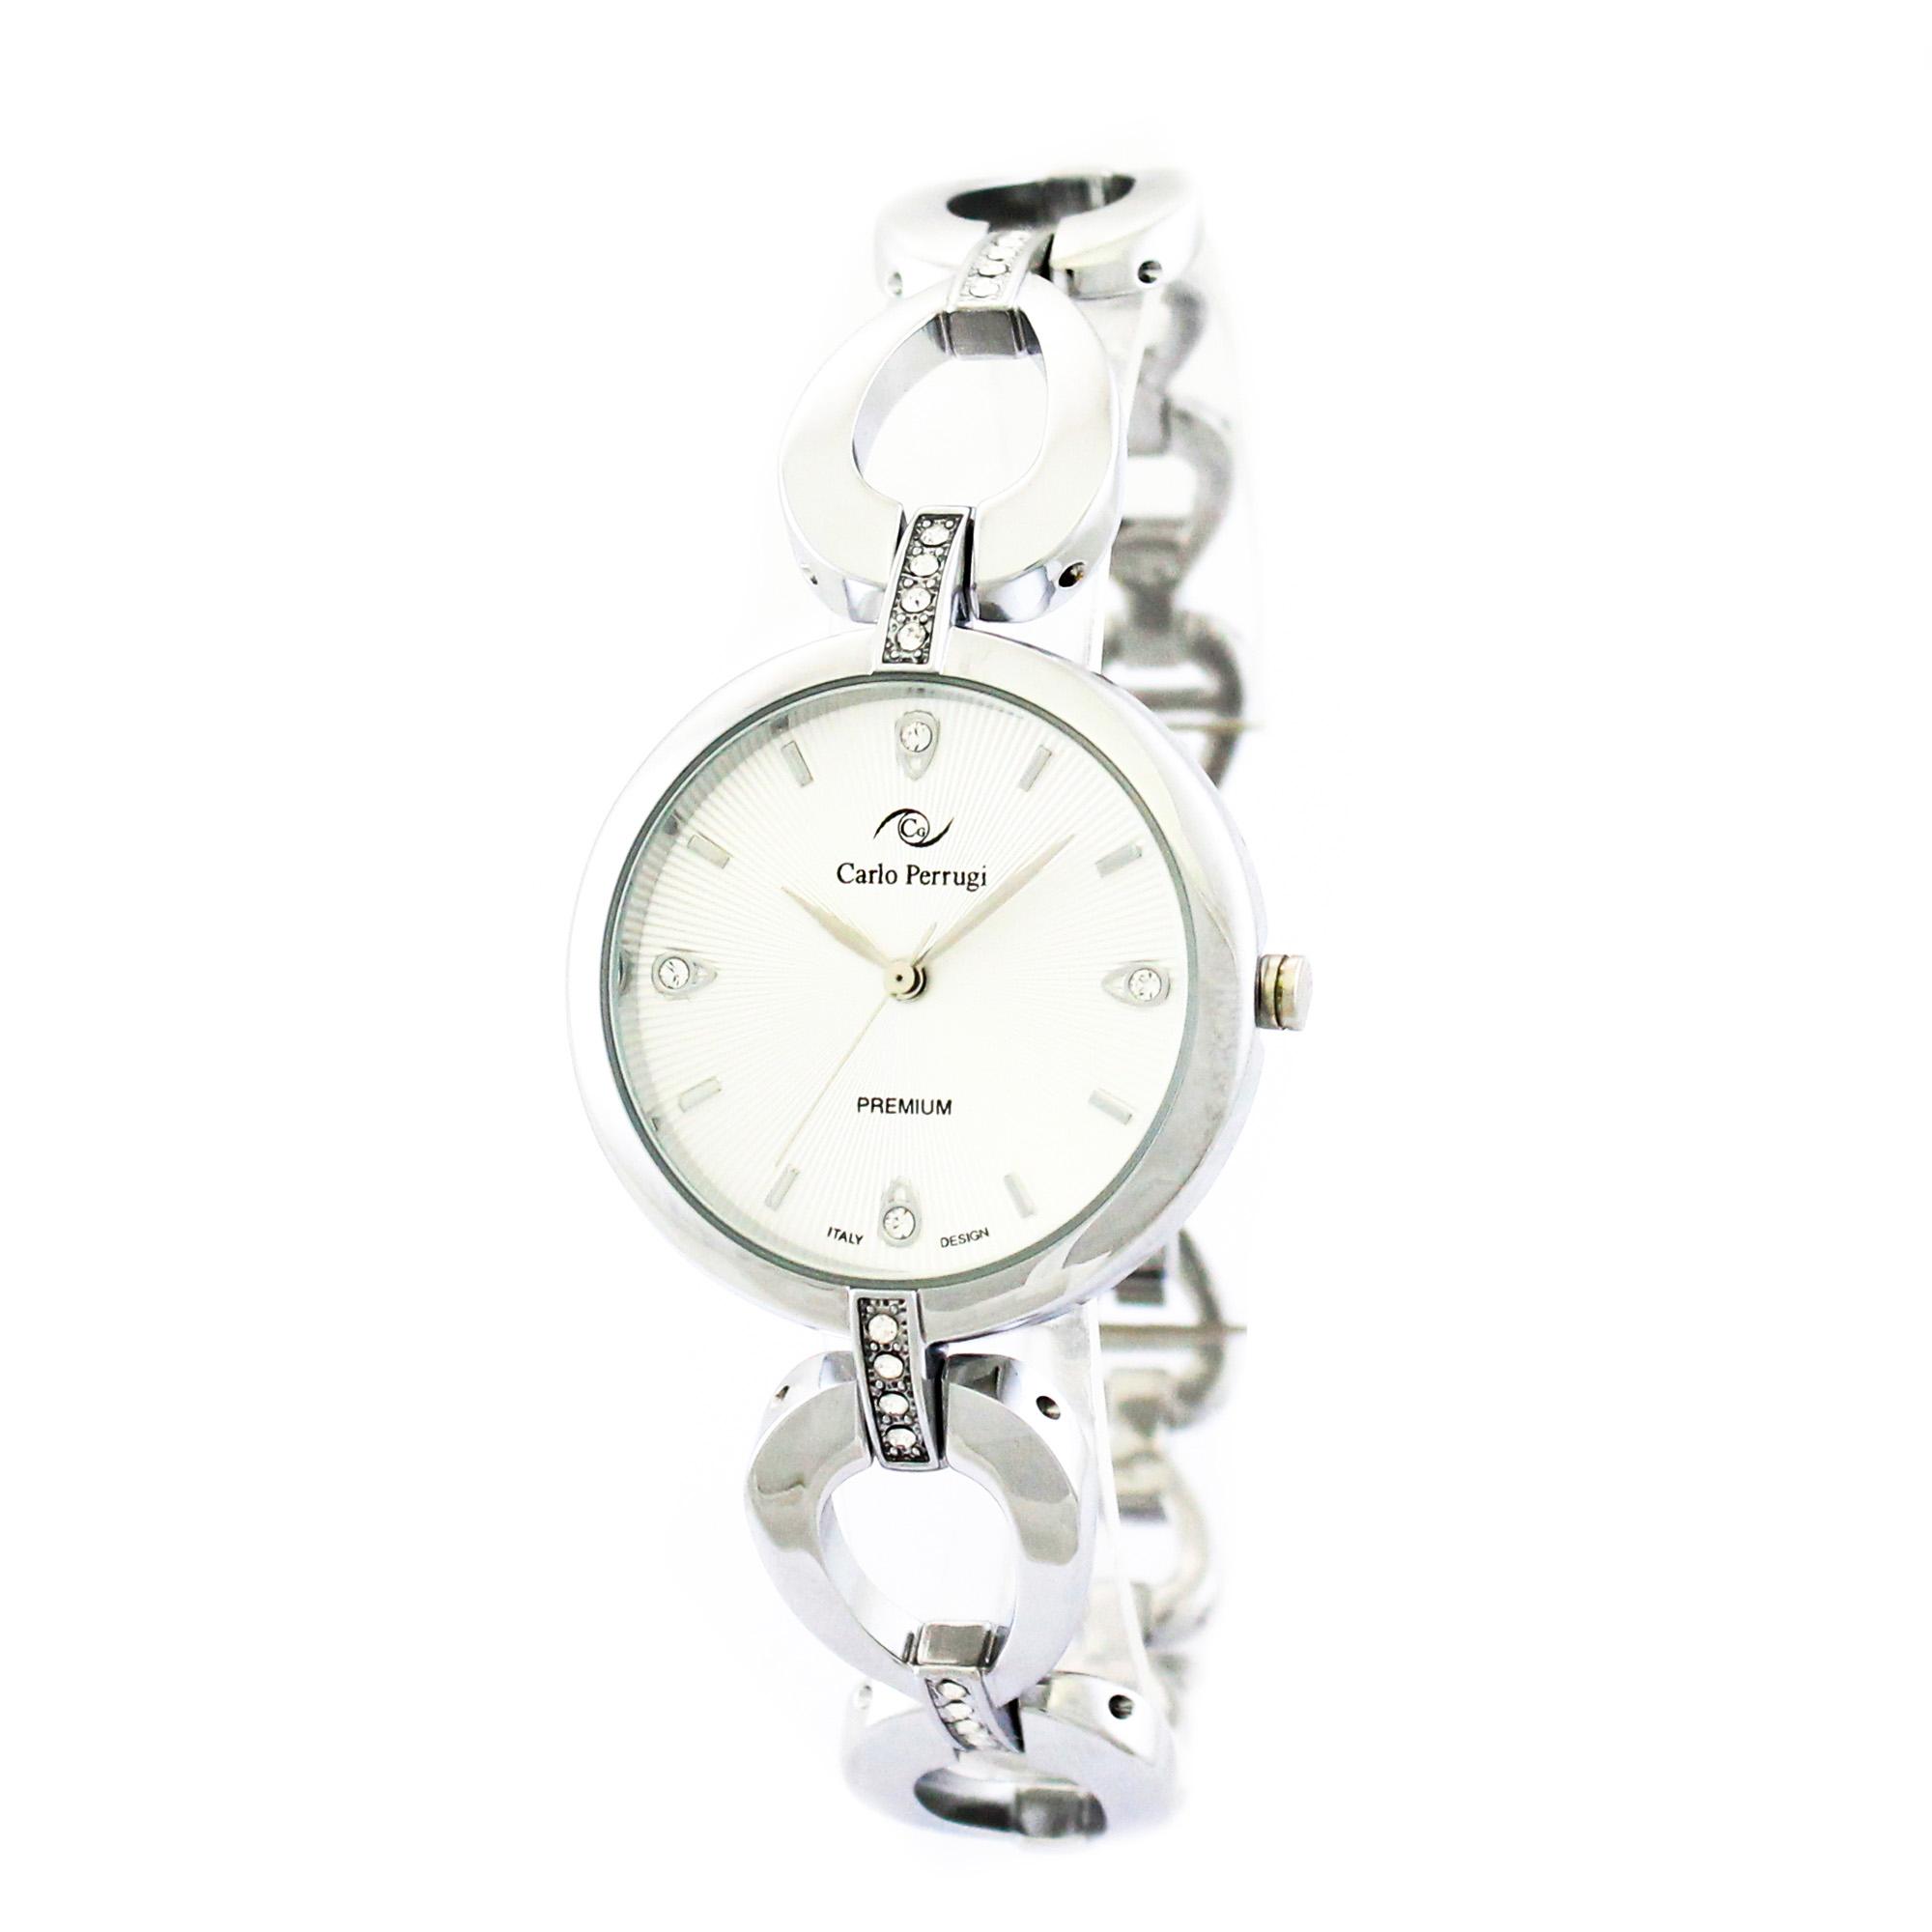 ساعت مچی عقربه ای زنانه کارلو پروجی مدل SL002012-1 10